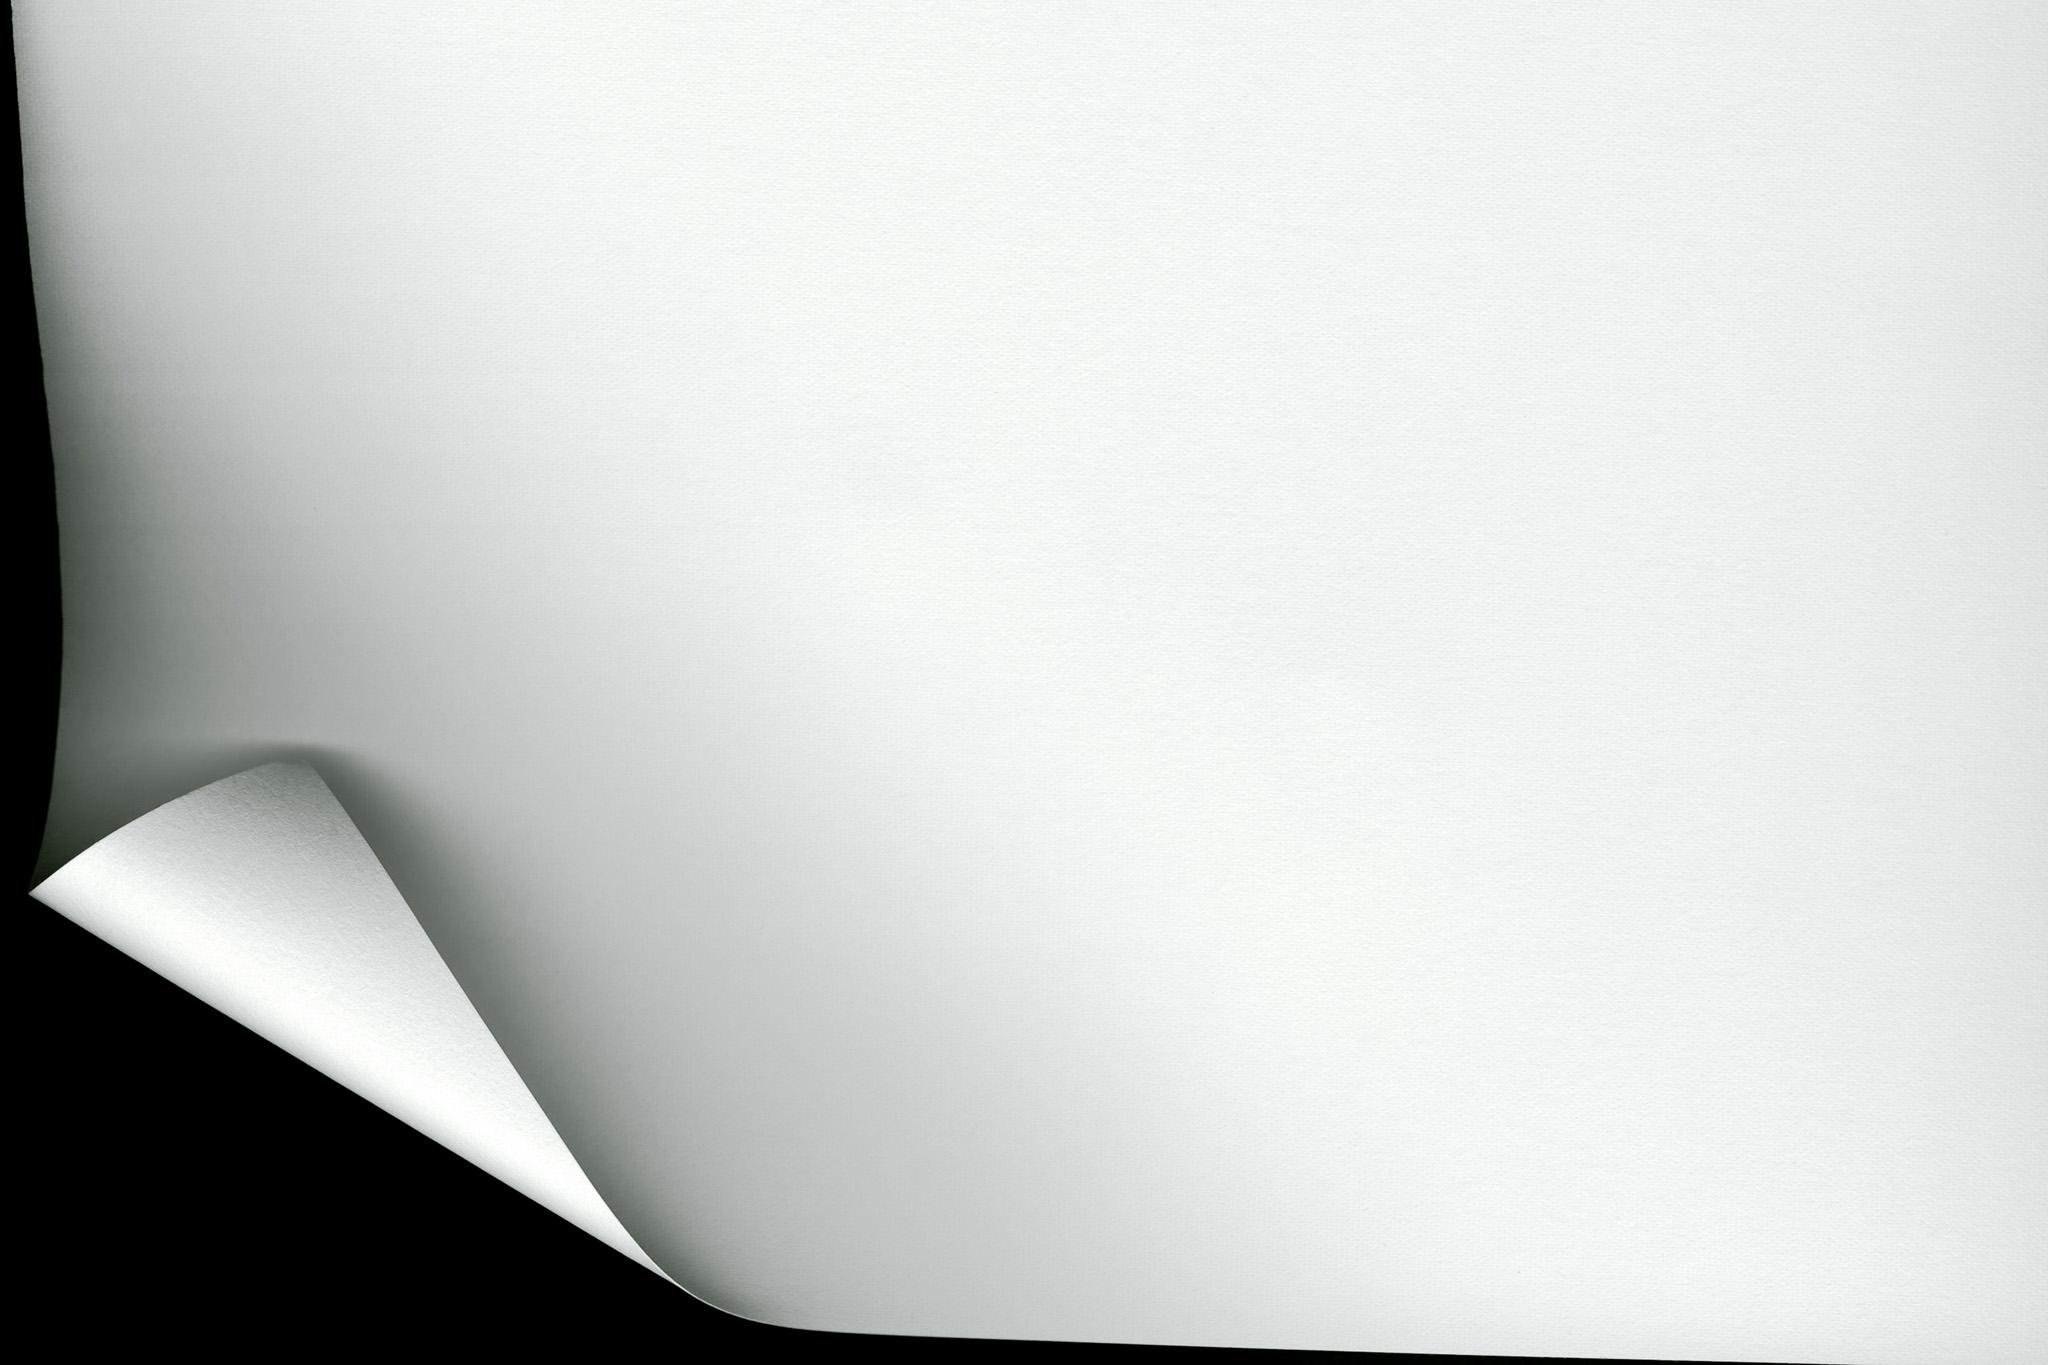 角がカールした紙のテクスチャ